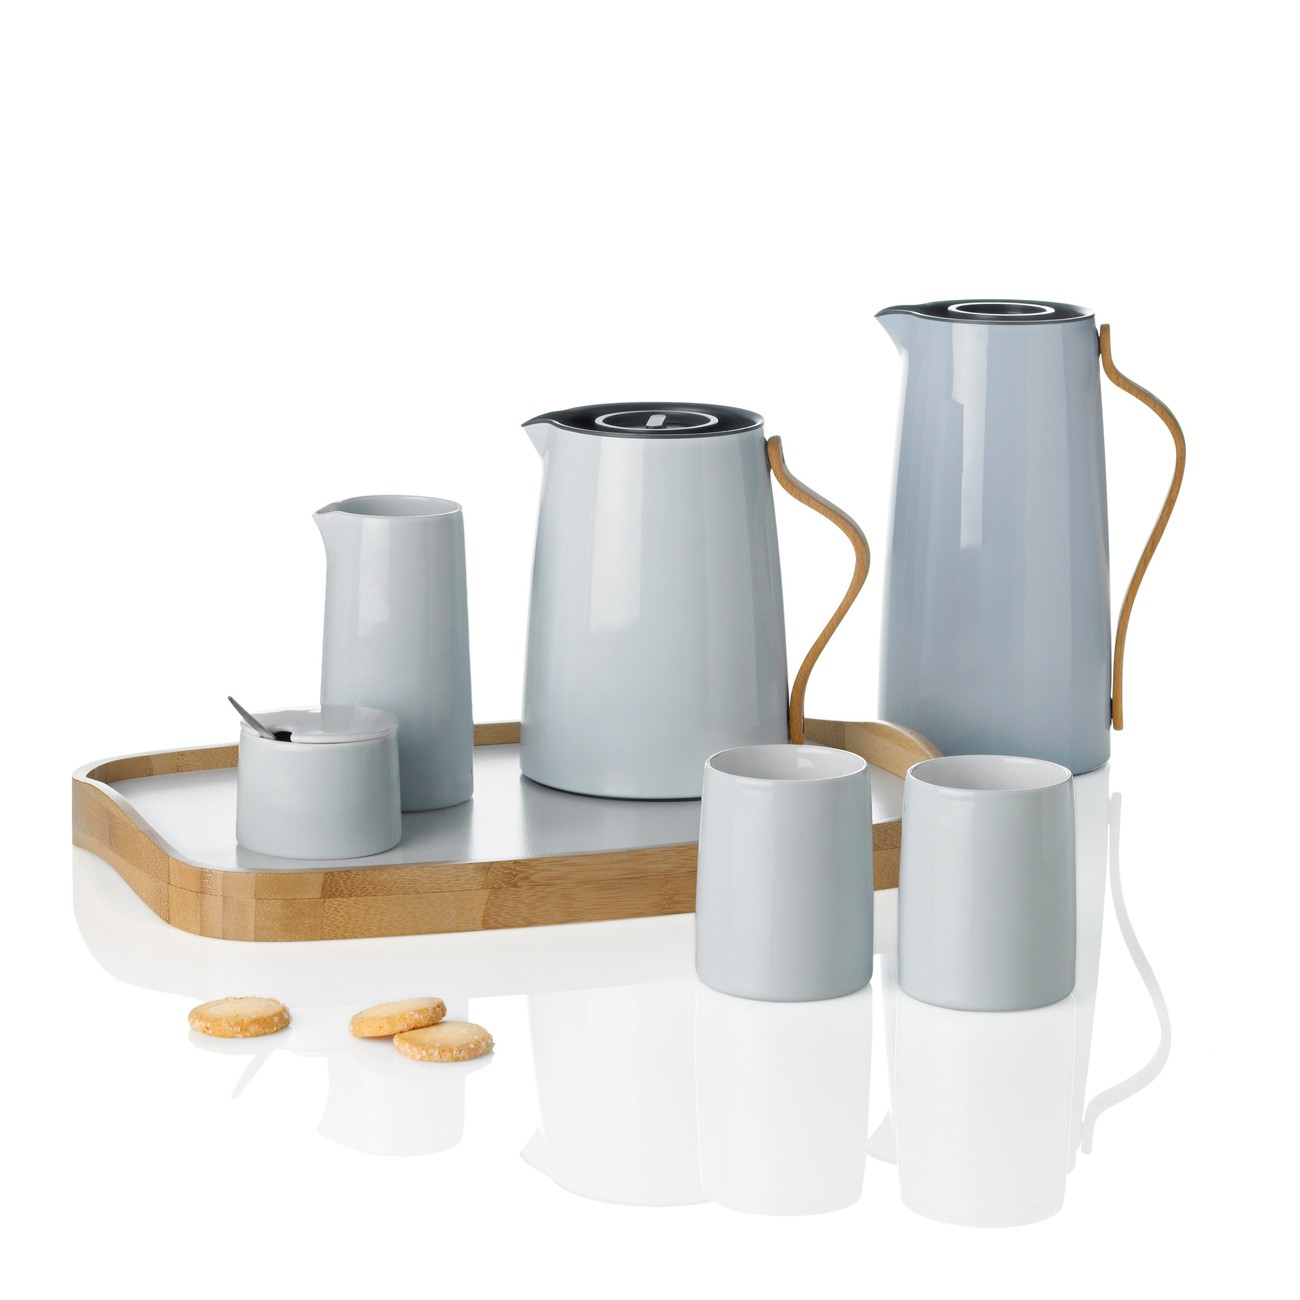 stelton emma isolierkanne kaffee 1 2 l blau kaffeekanne x. Black Bedroom Furniture Sets. Home Design Ideas